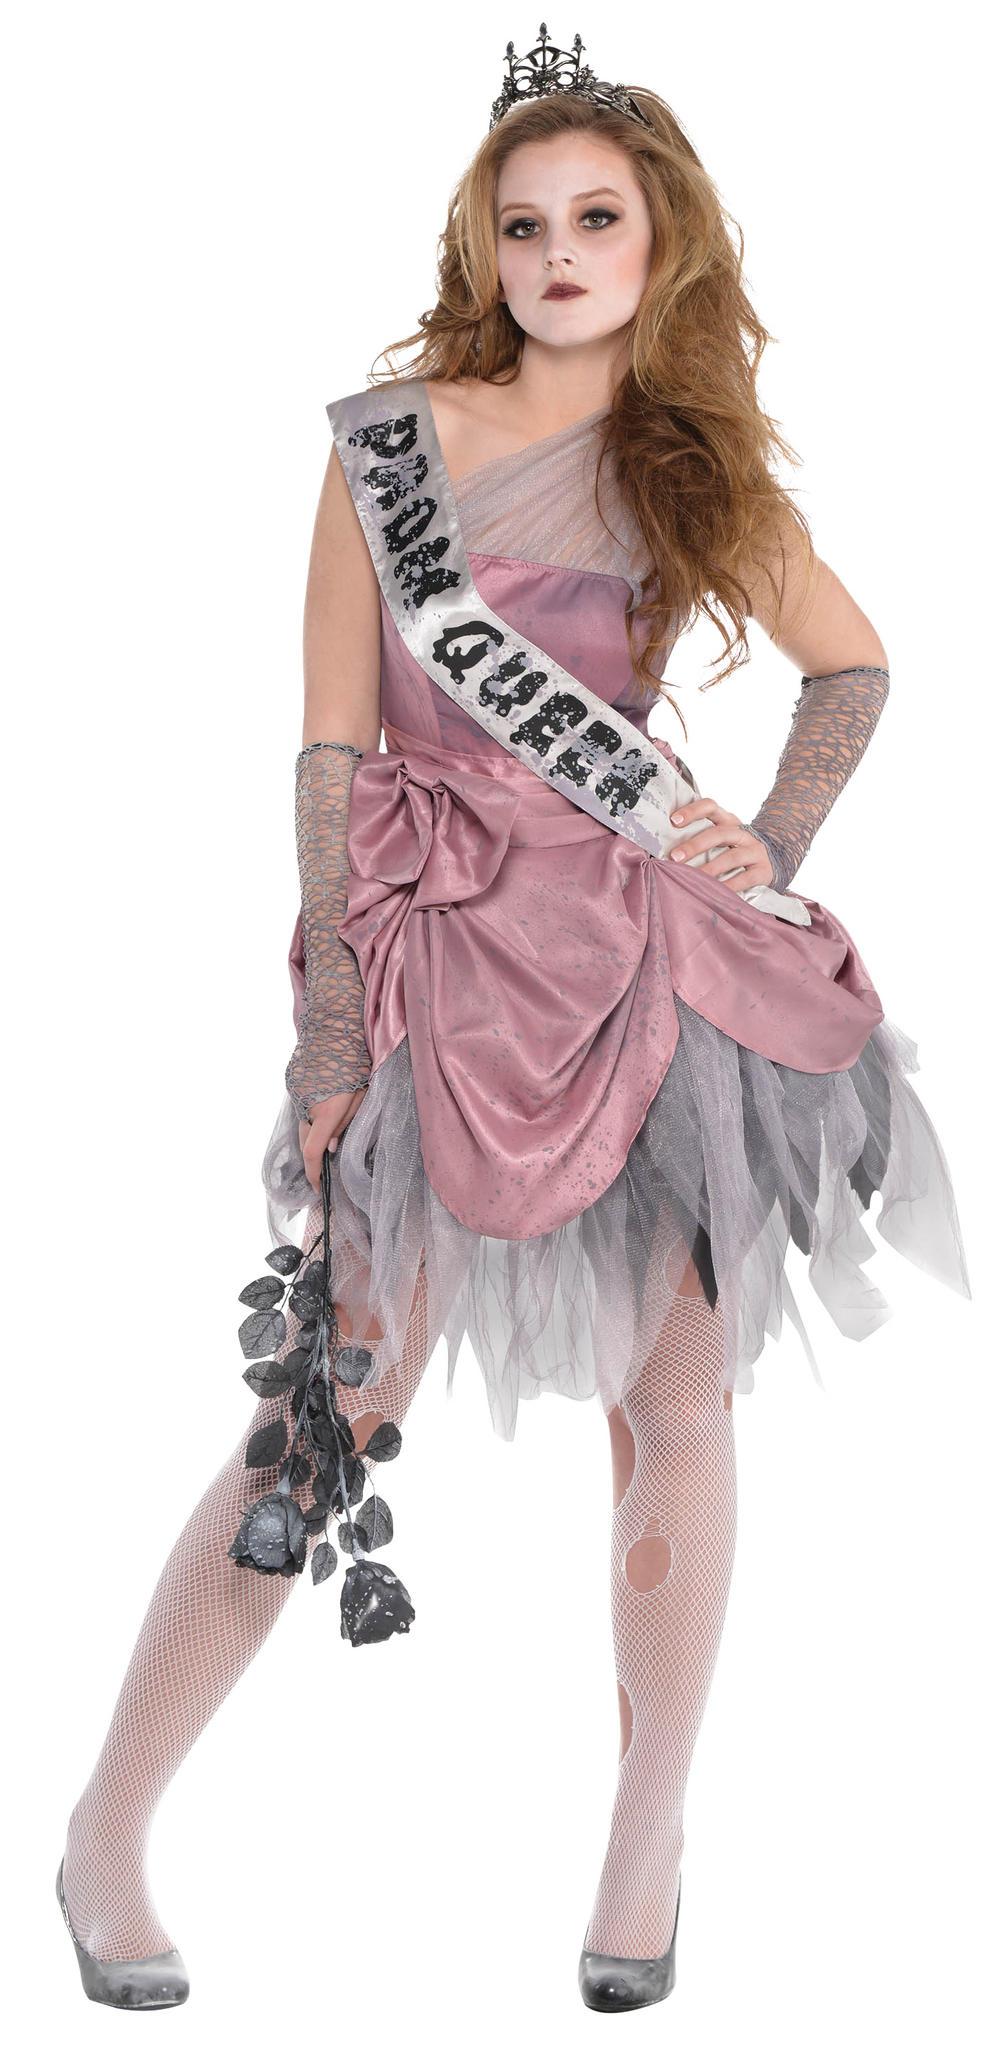 Zom Queen Costume